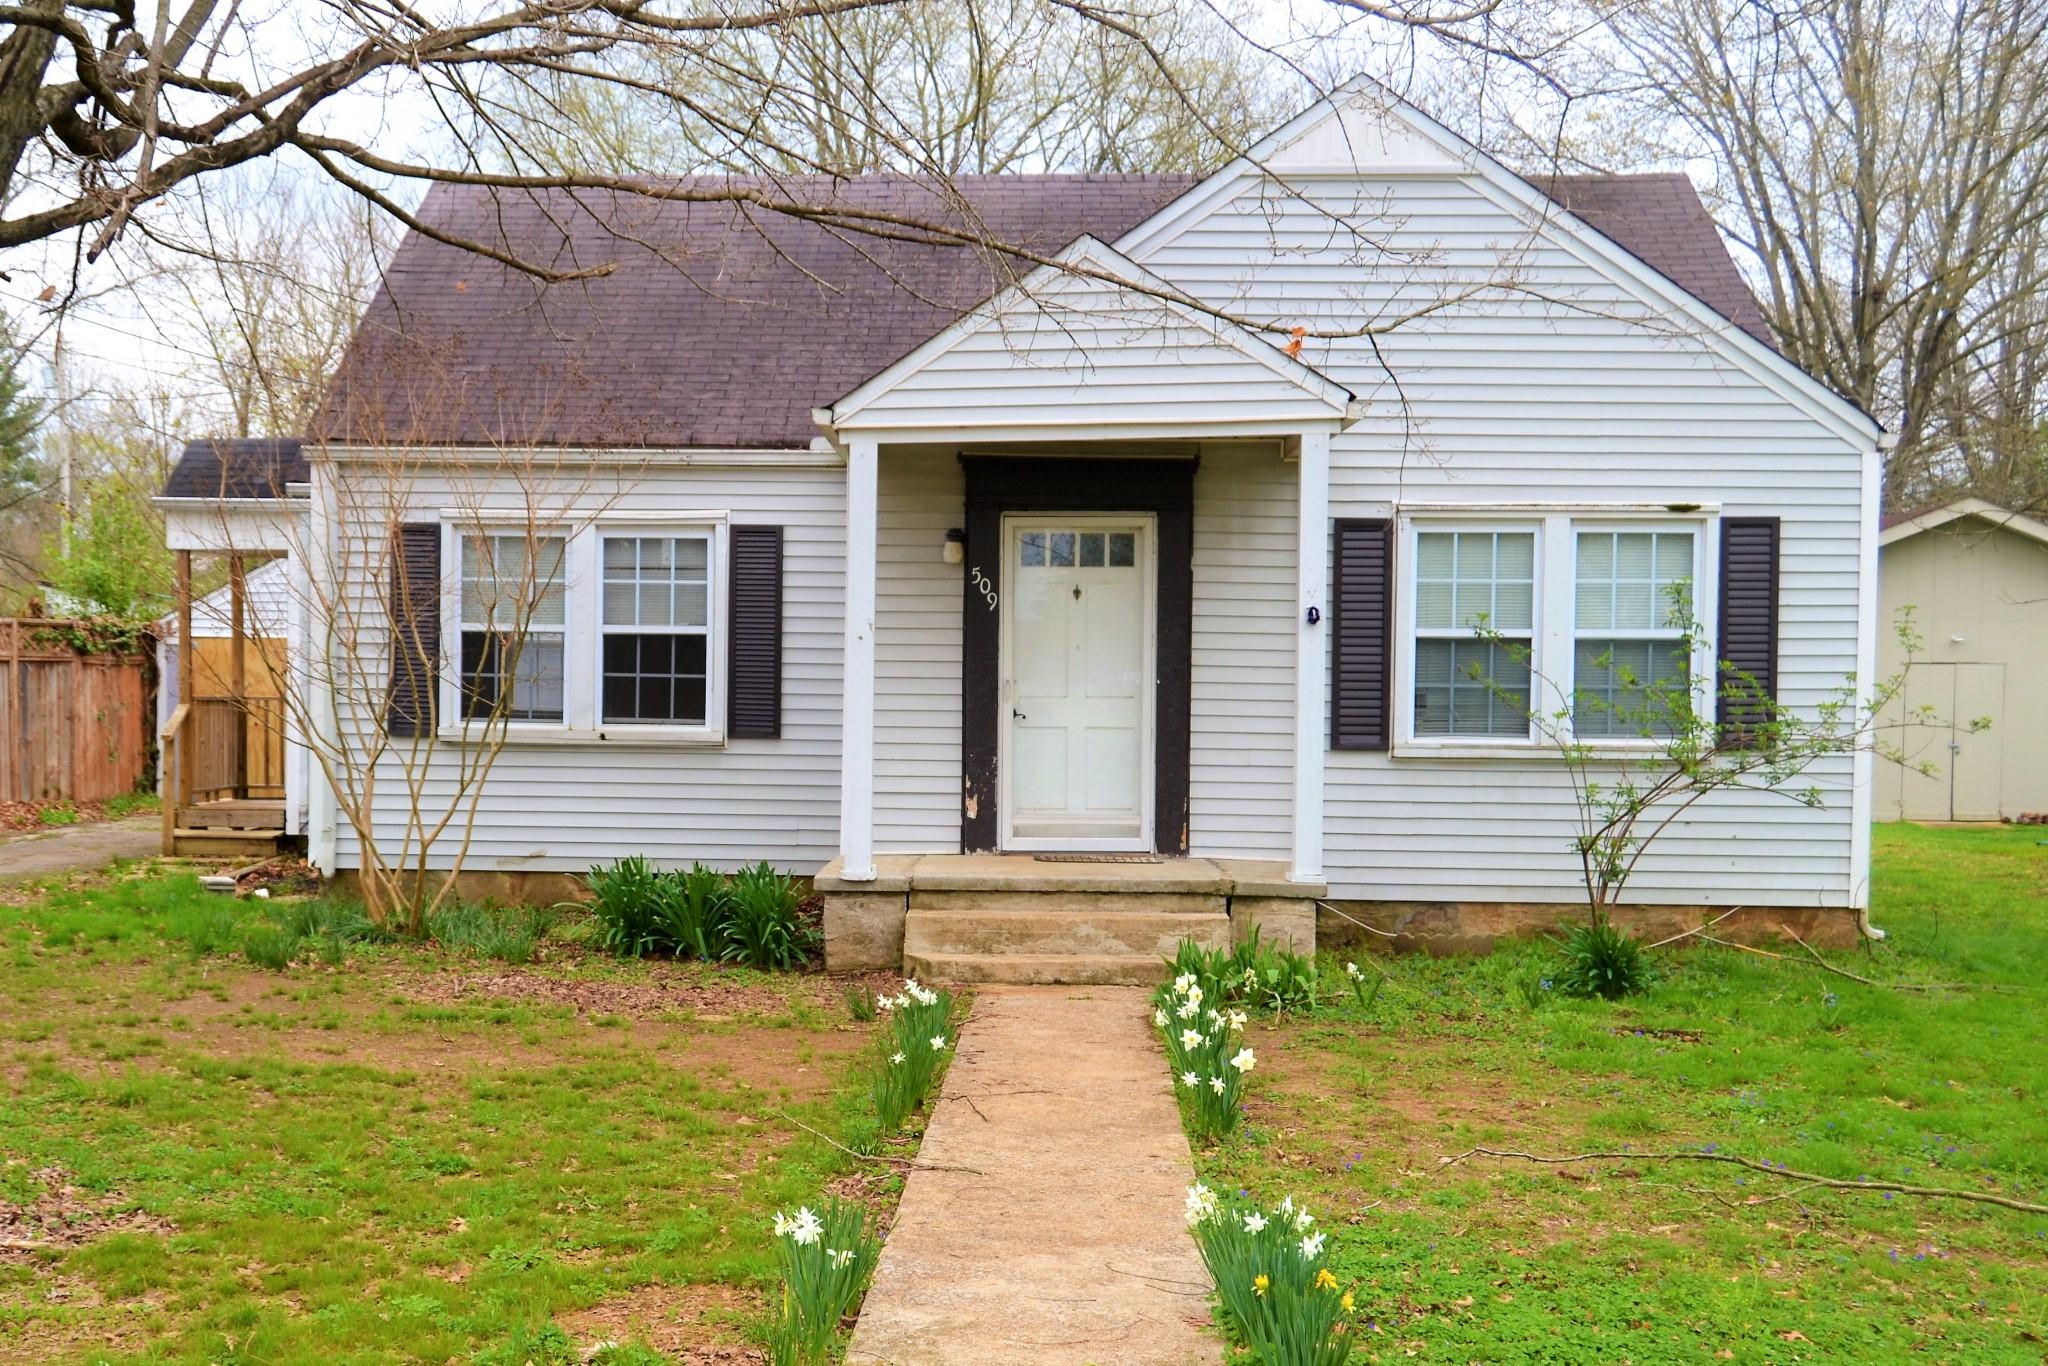 509 Ballentine St Property Photo - Pulaski, TN real estate listing